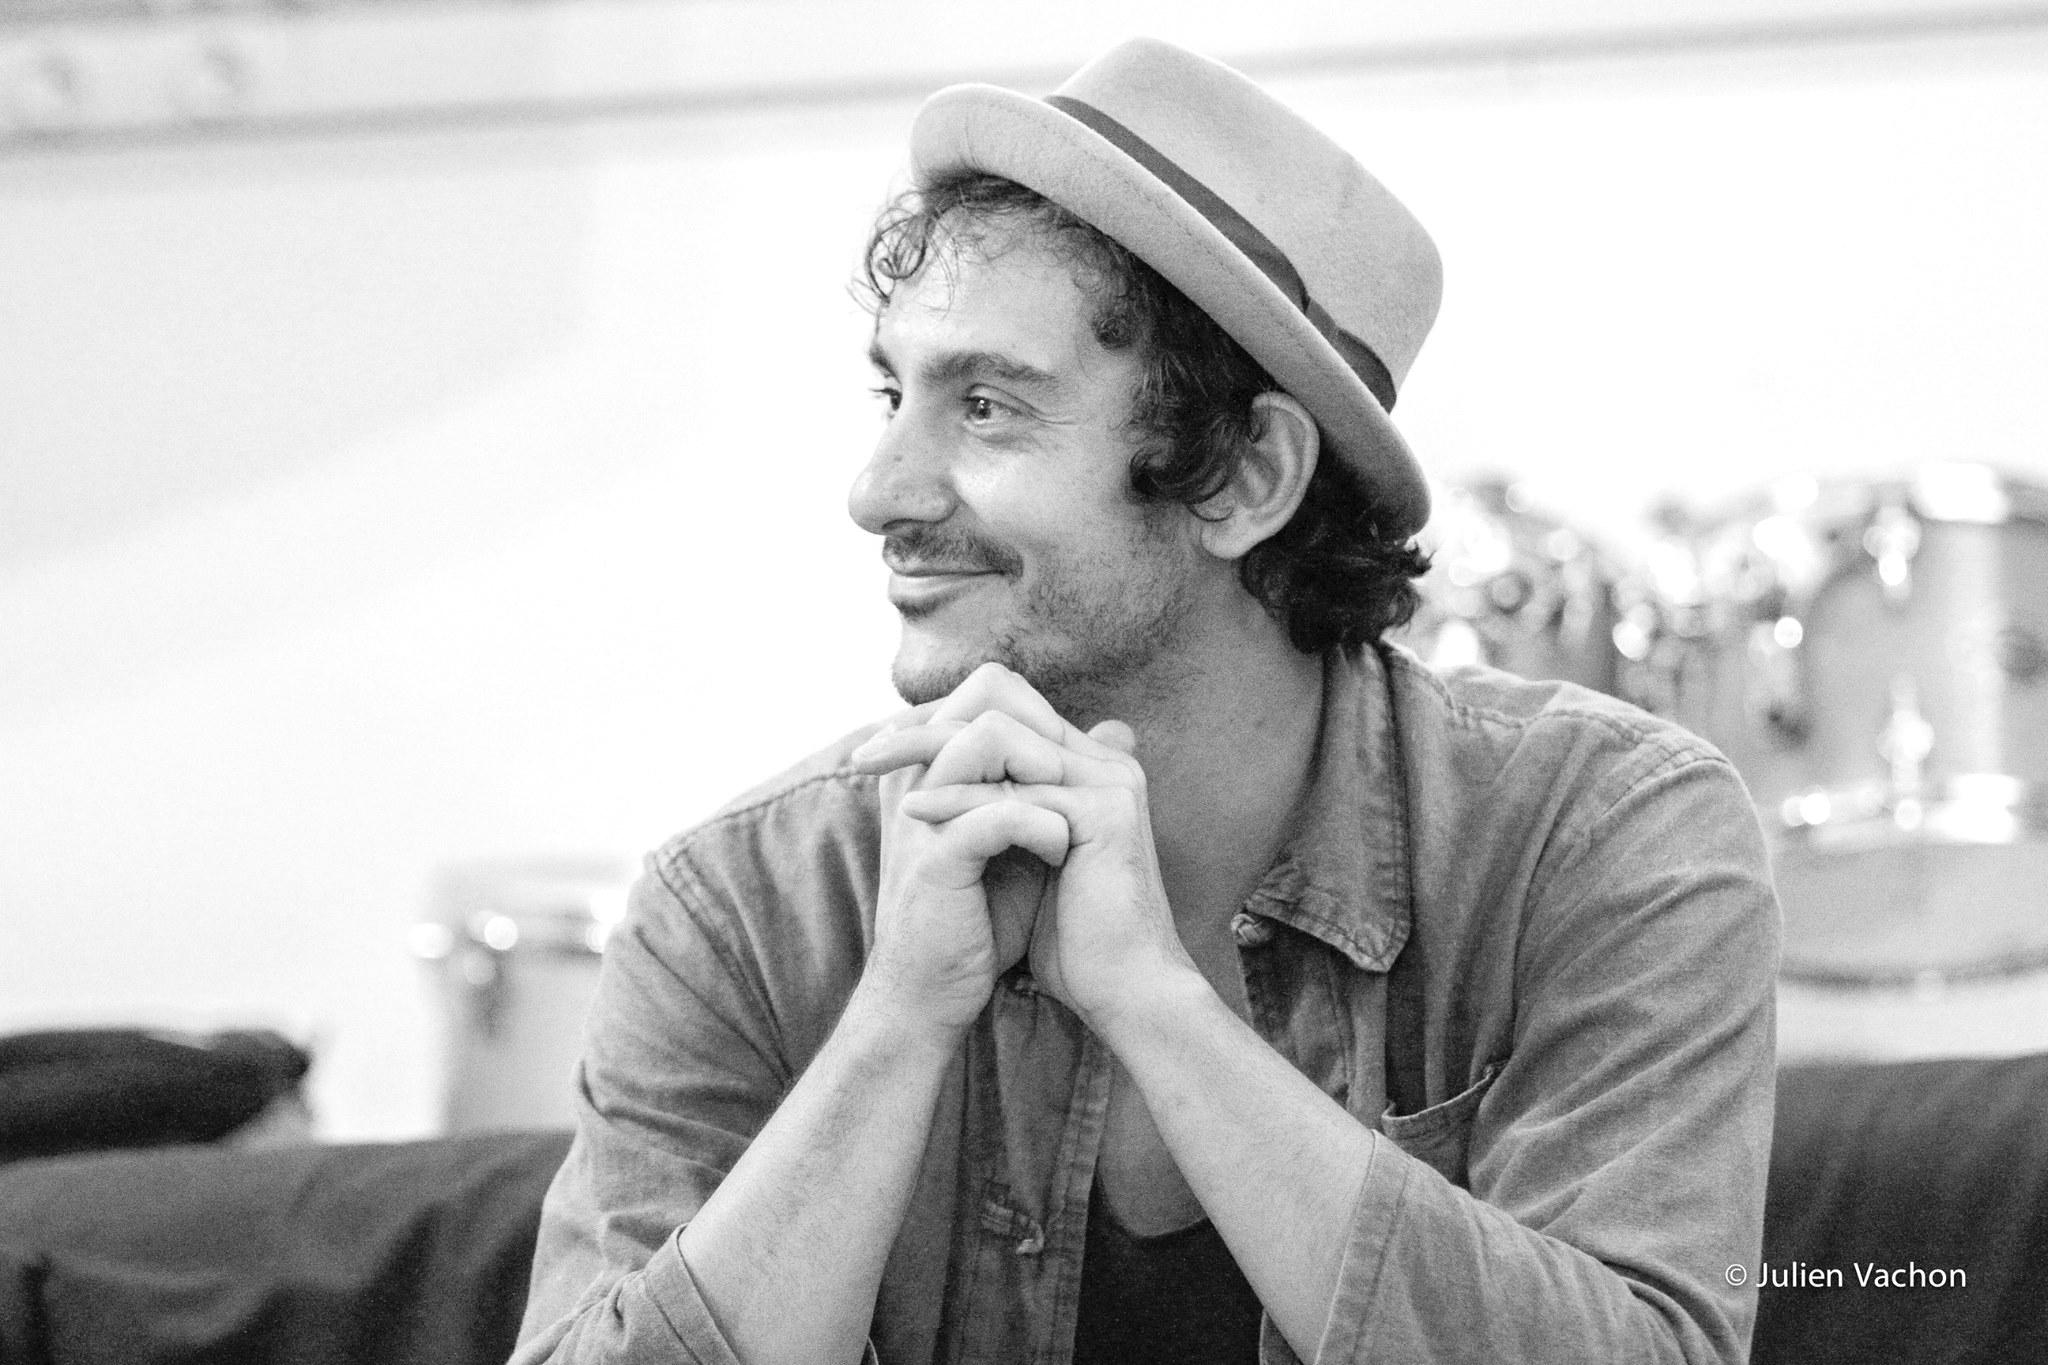 Laurent Lamarca